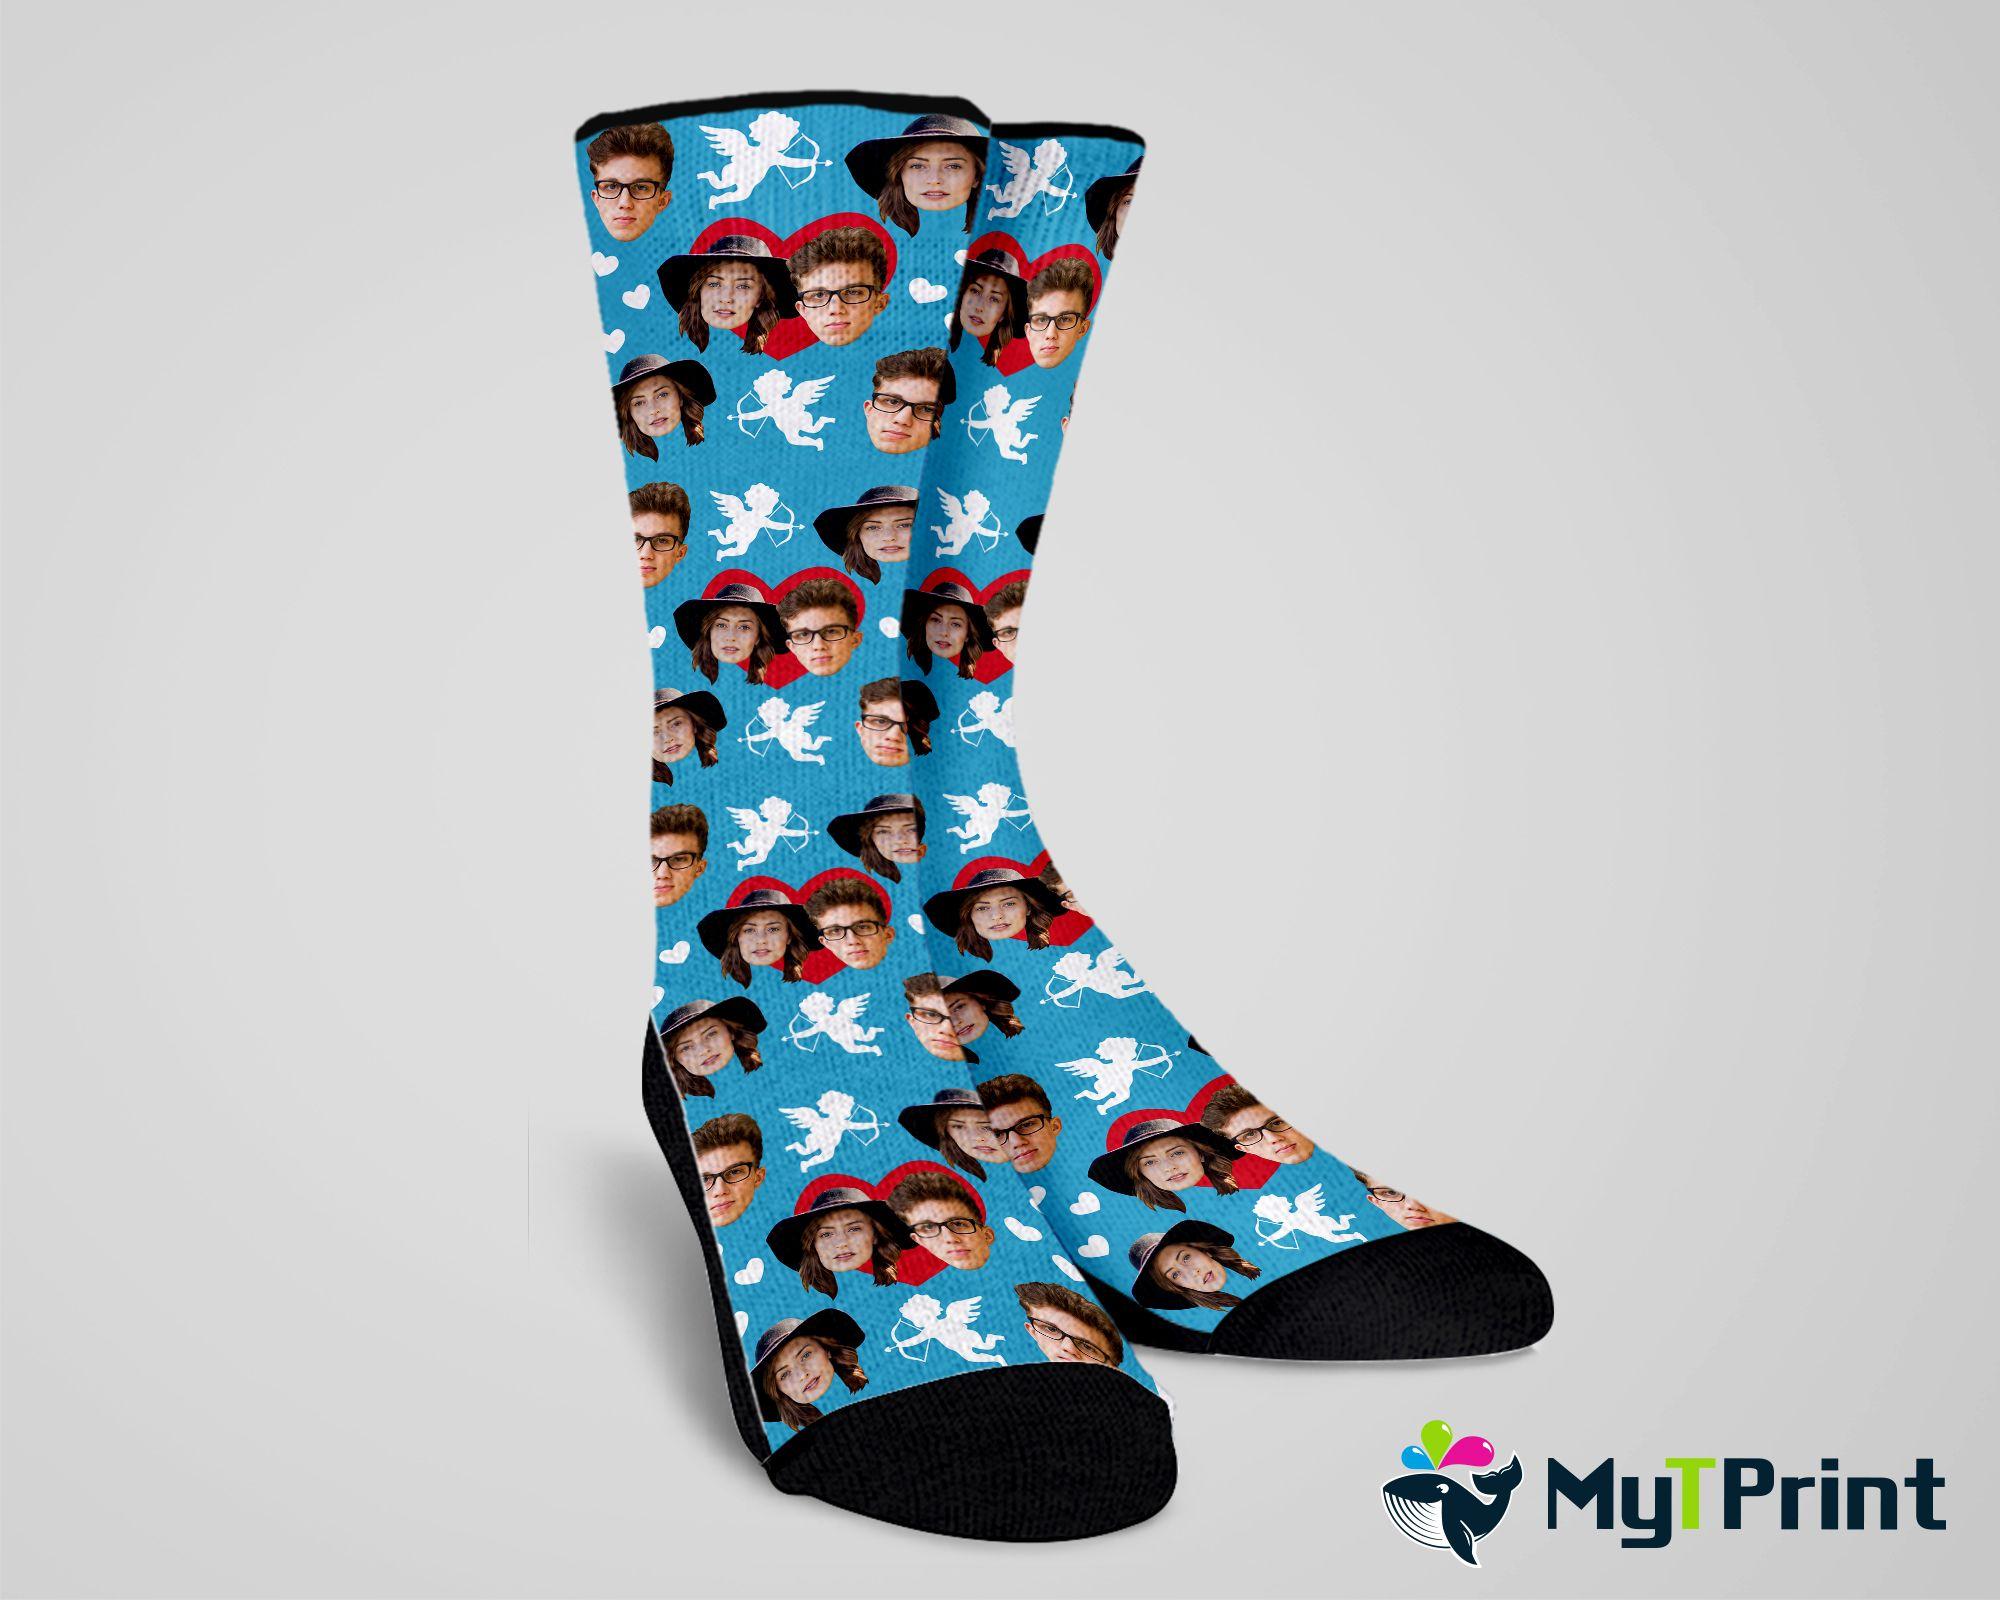 Custom Photo Socks sock Personalized,Photo Socks Picture Socks Custom Socks Socks pineapple Printed Socks